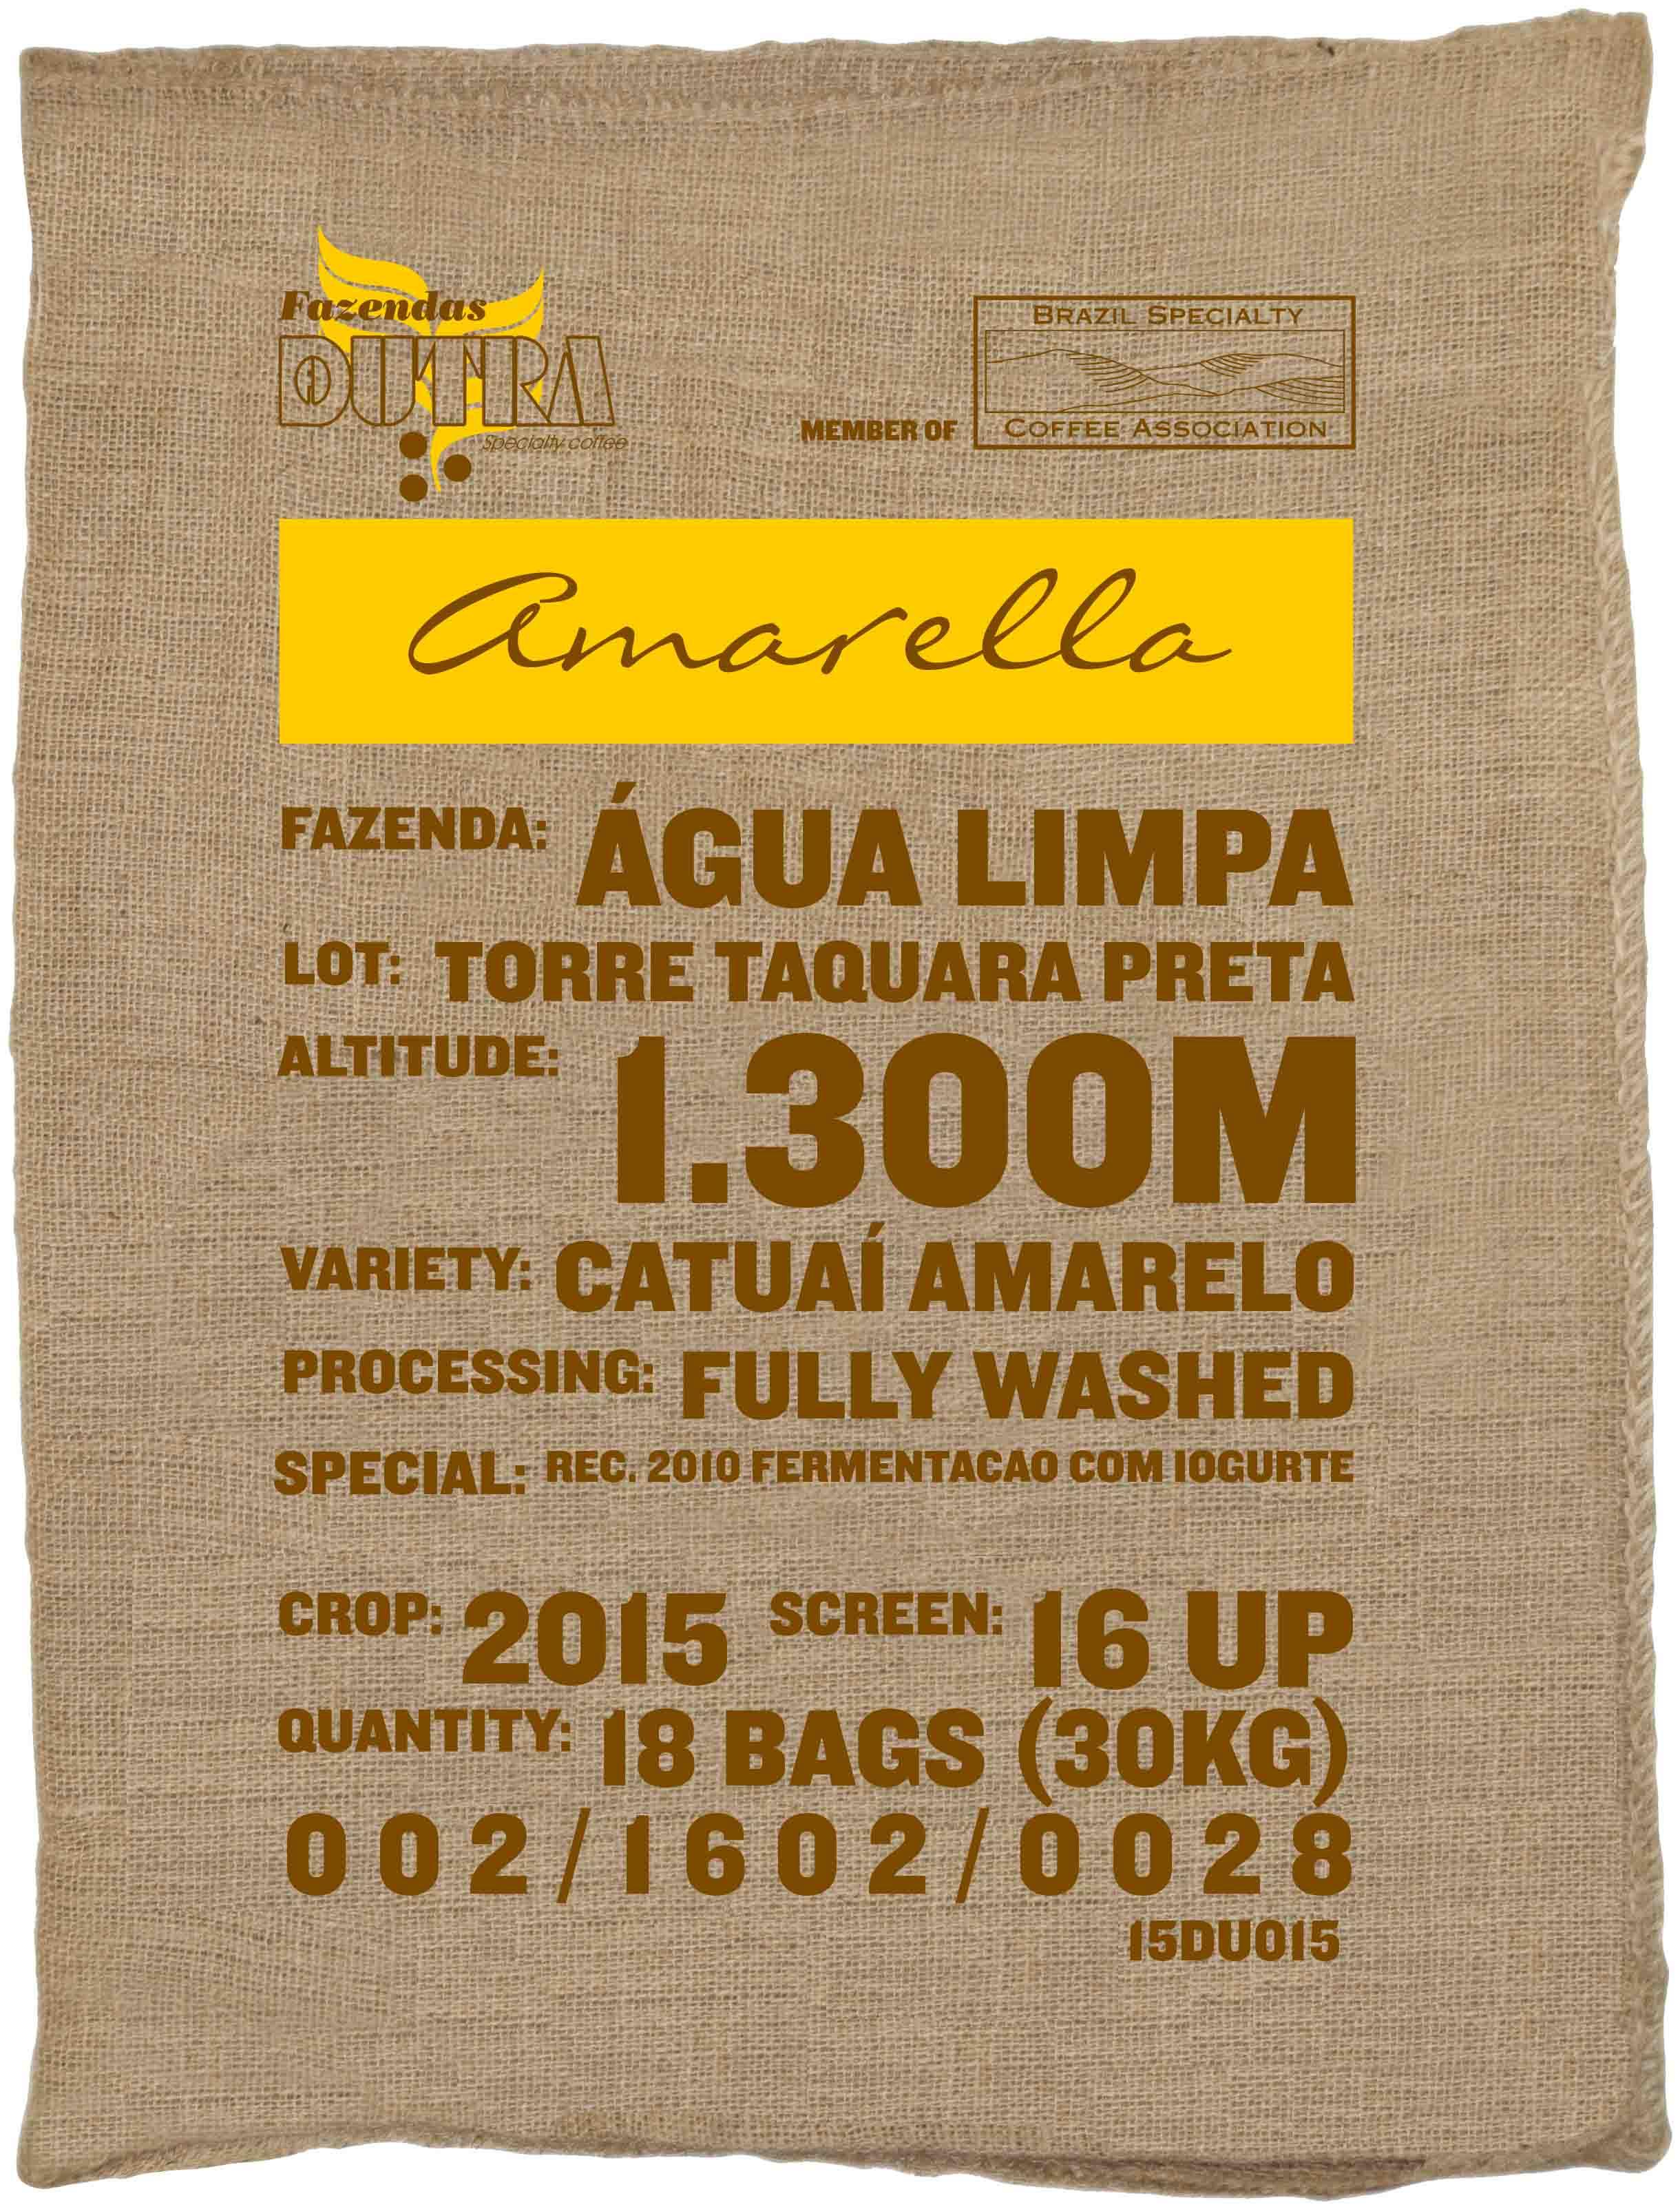 Ein Rohkaffeesack amarella Parzellenkaffee Varietät Catuai amarelo. Fazendas Dutra Lot Torre Taquara Preta.